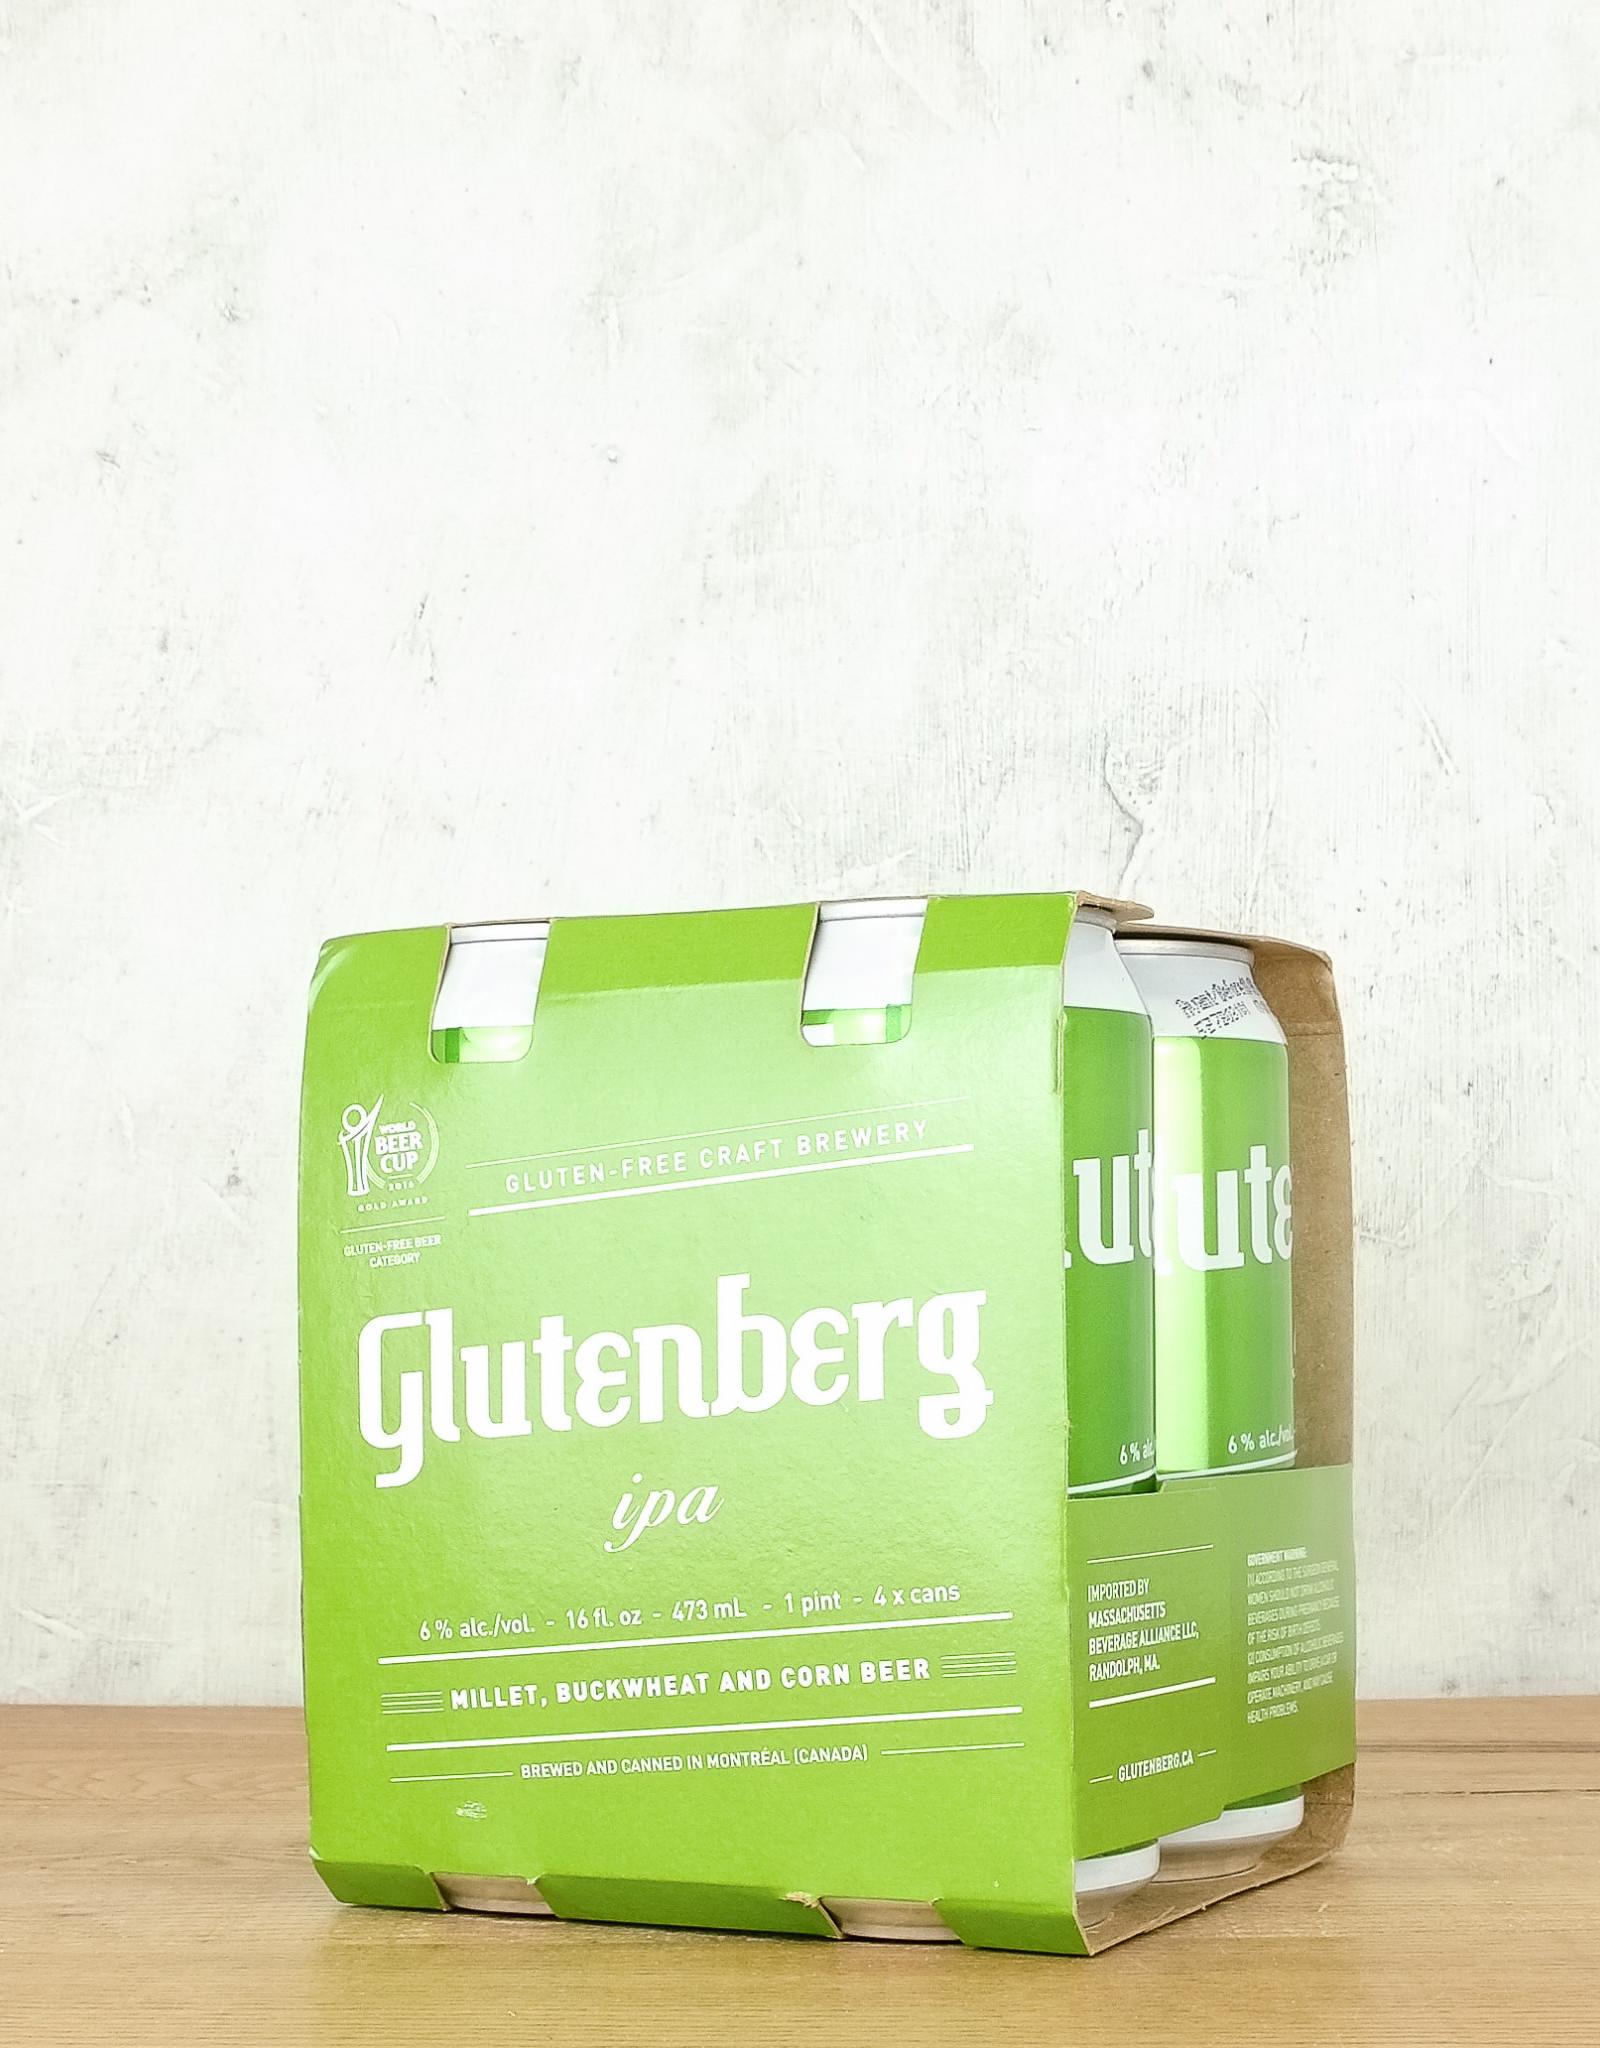 Glutenberg IPA 4pk